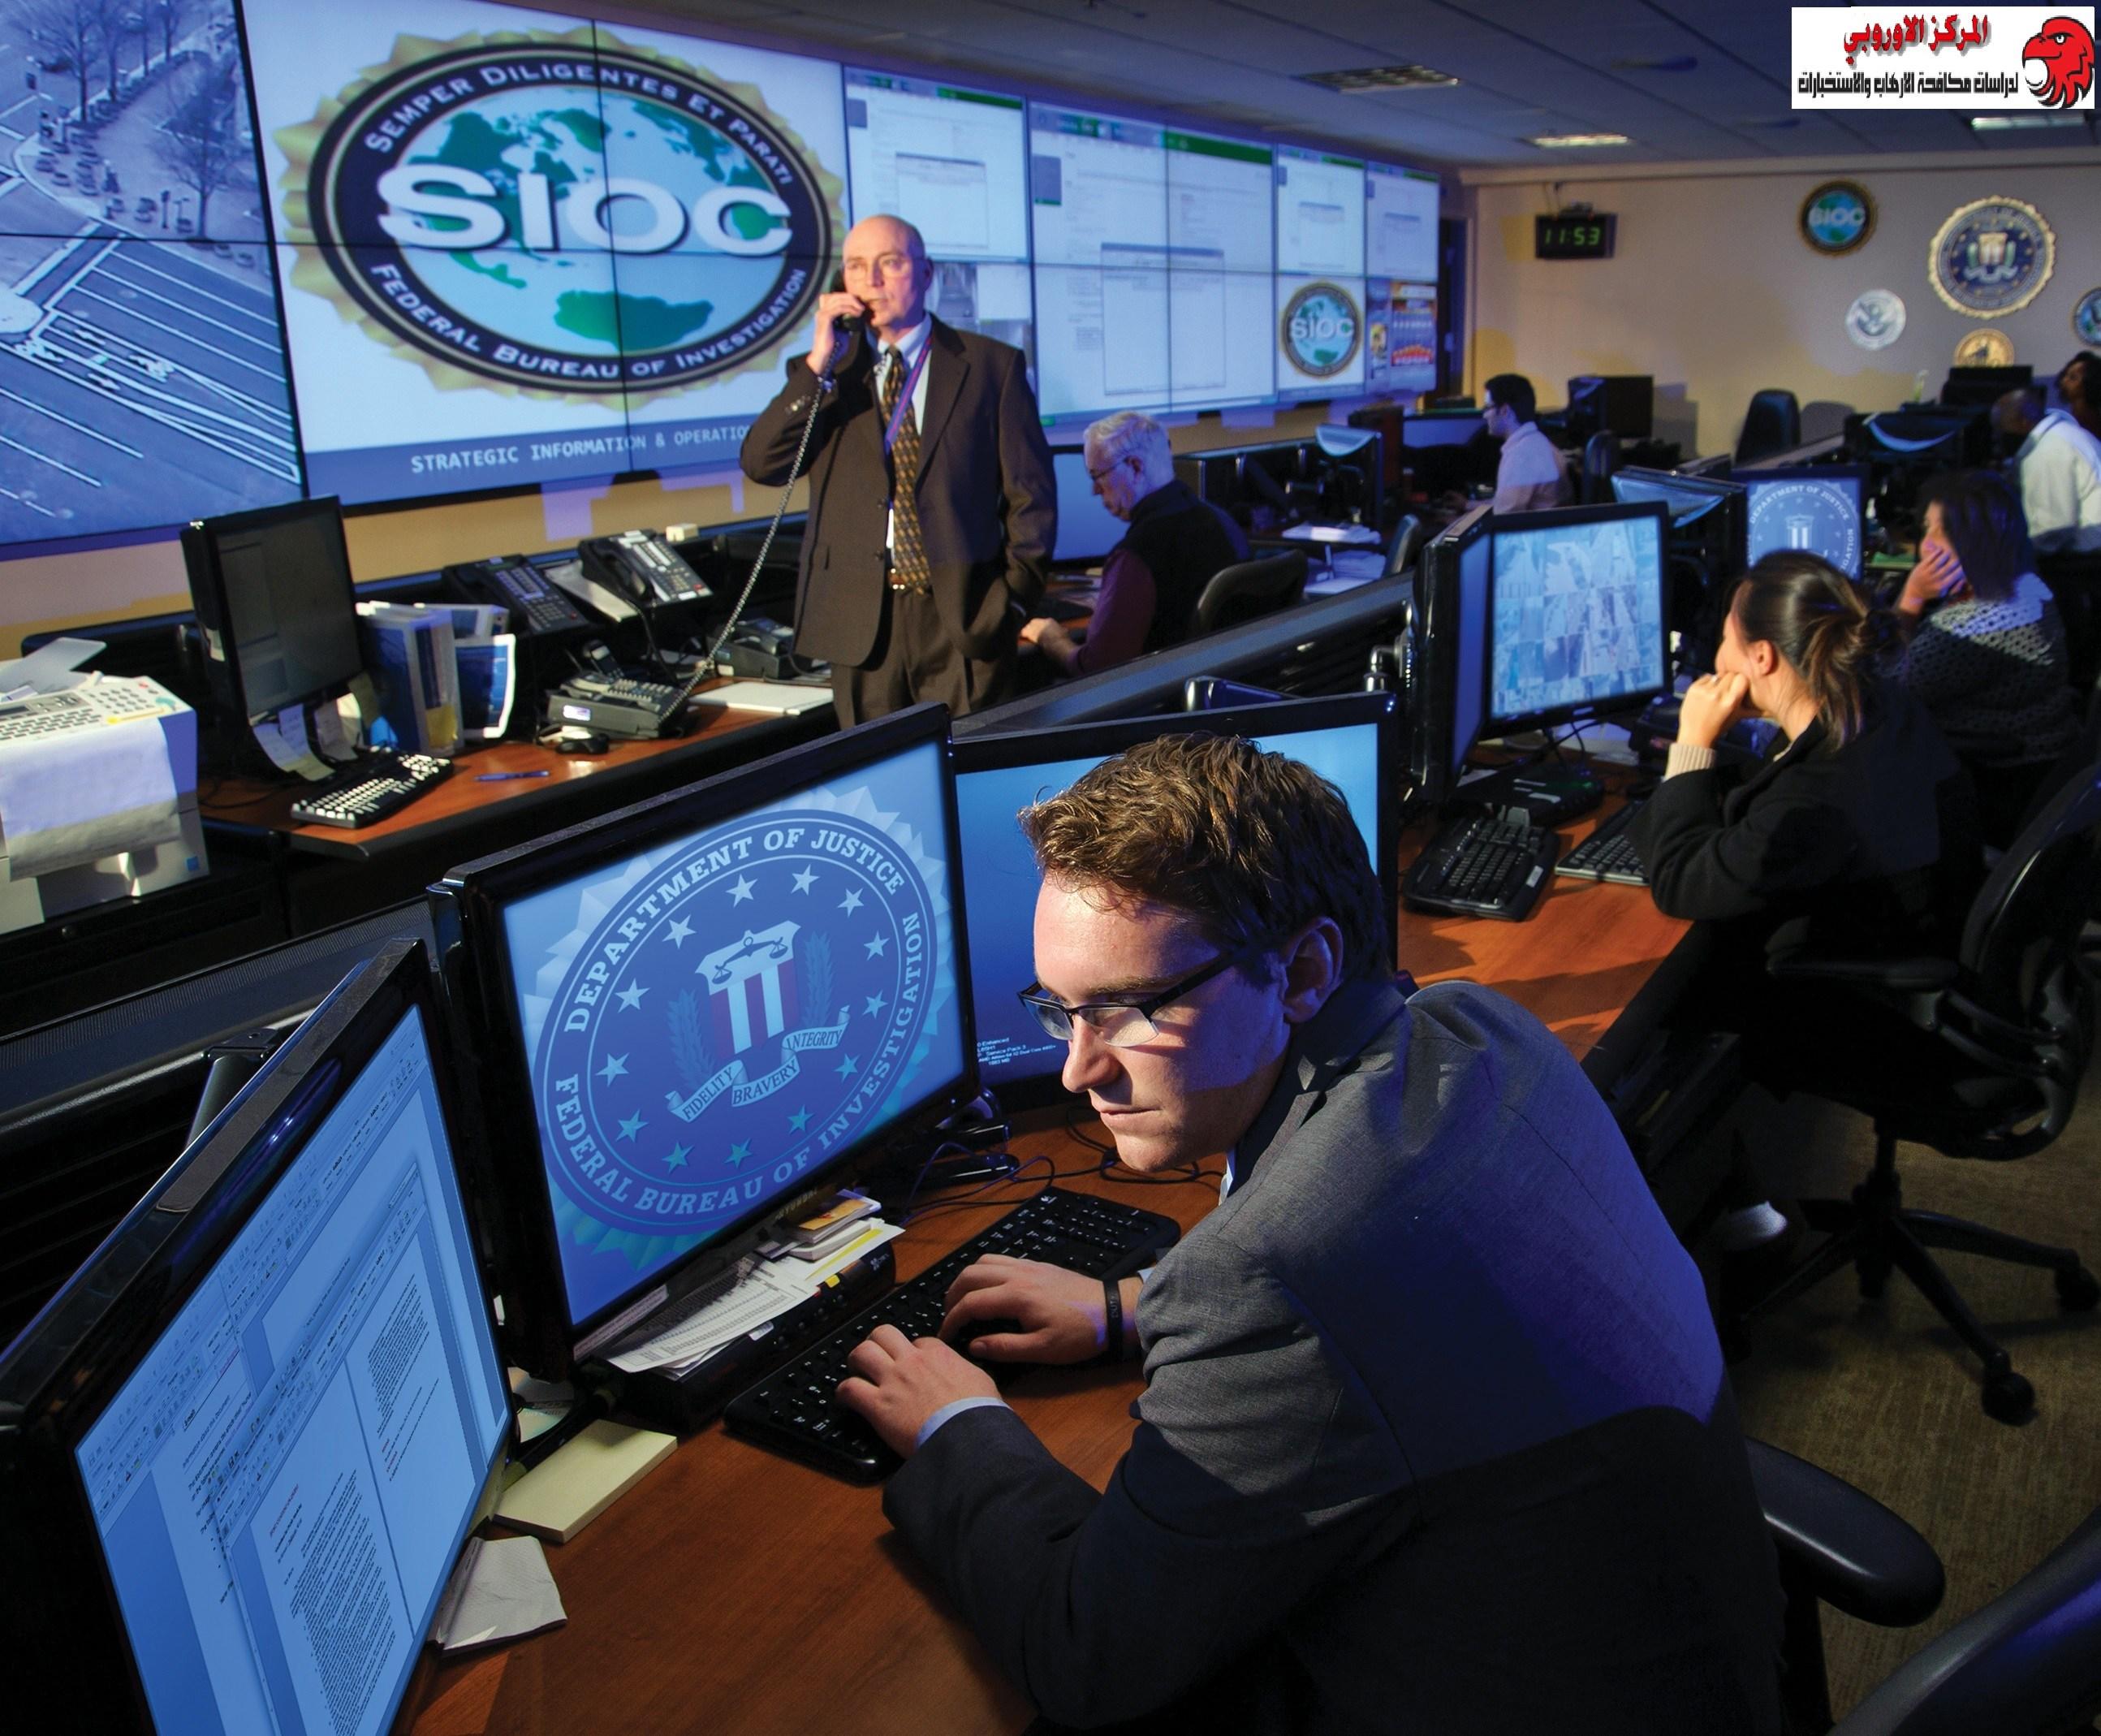 هكذا يتم توظيف الأتصالات داخل أجهزة الإستخبارات بالتنصت والمراقبة. بقلم مهدي الرسام